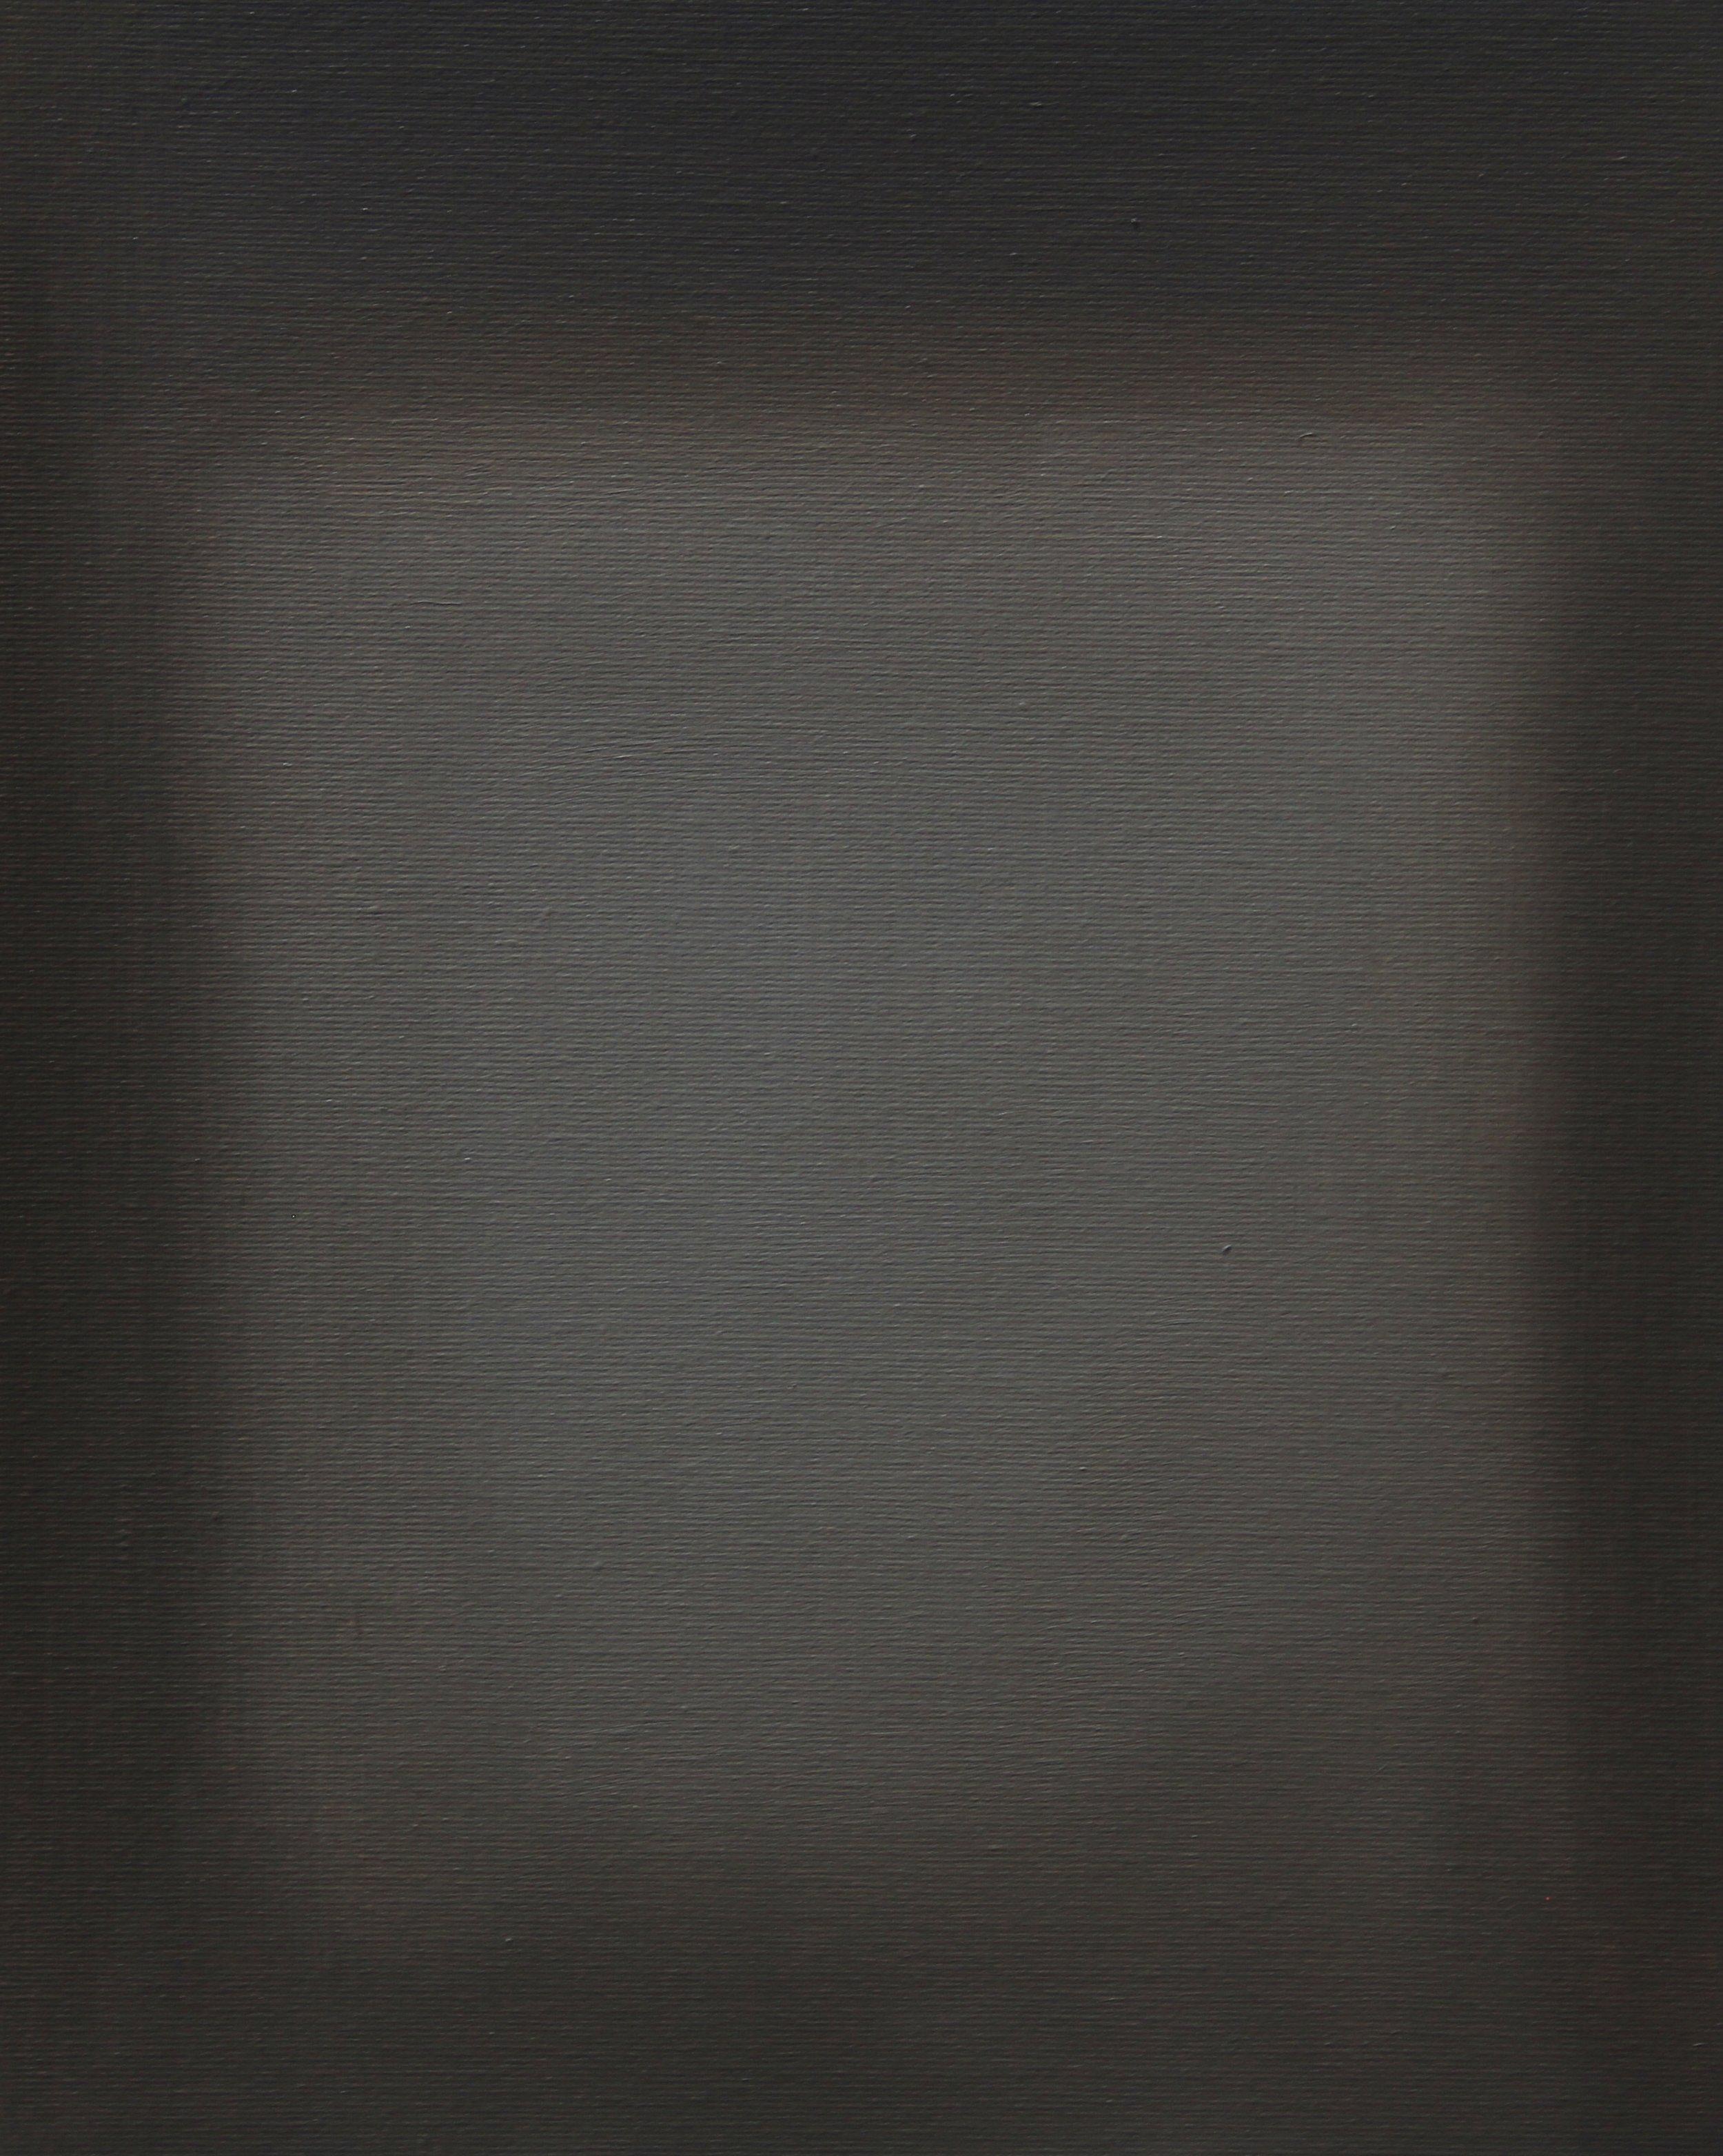 Space,2012,24cm x 30cm, Oil on canvas.jpg